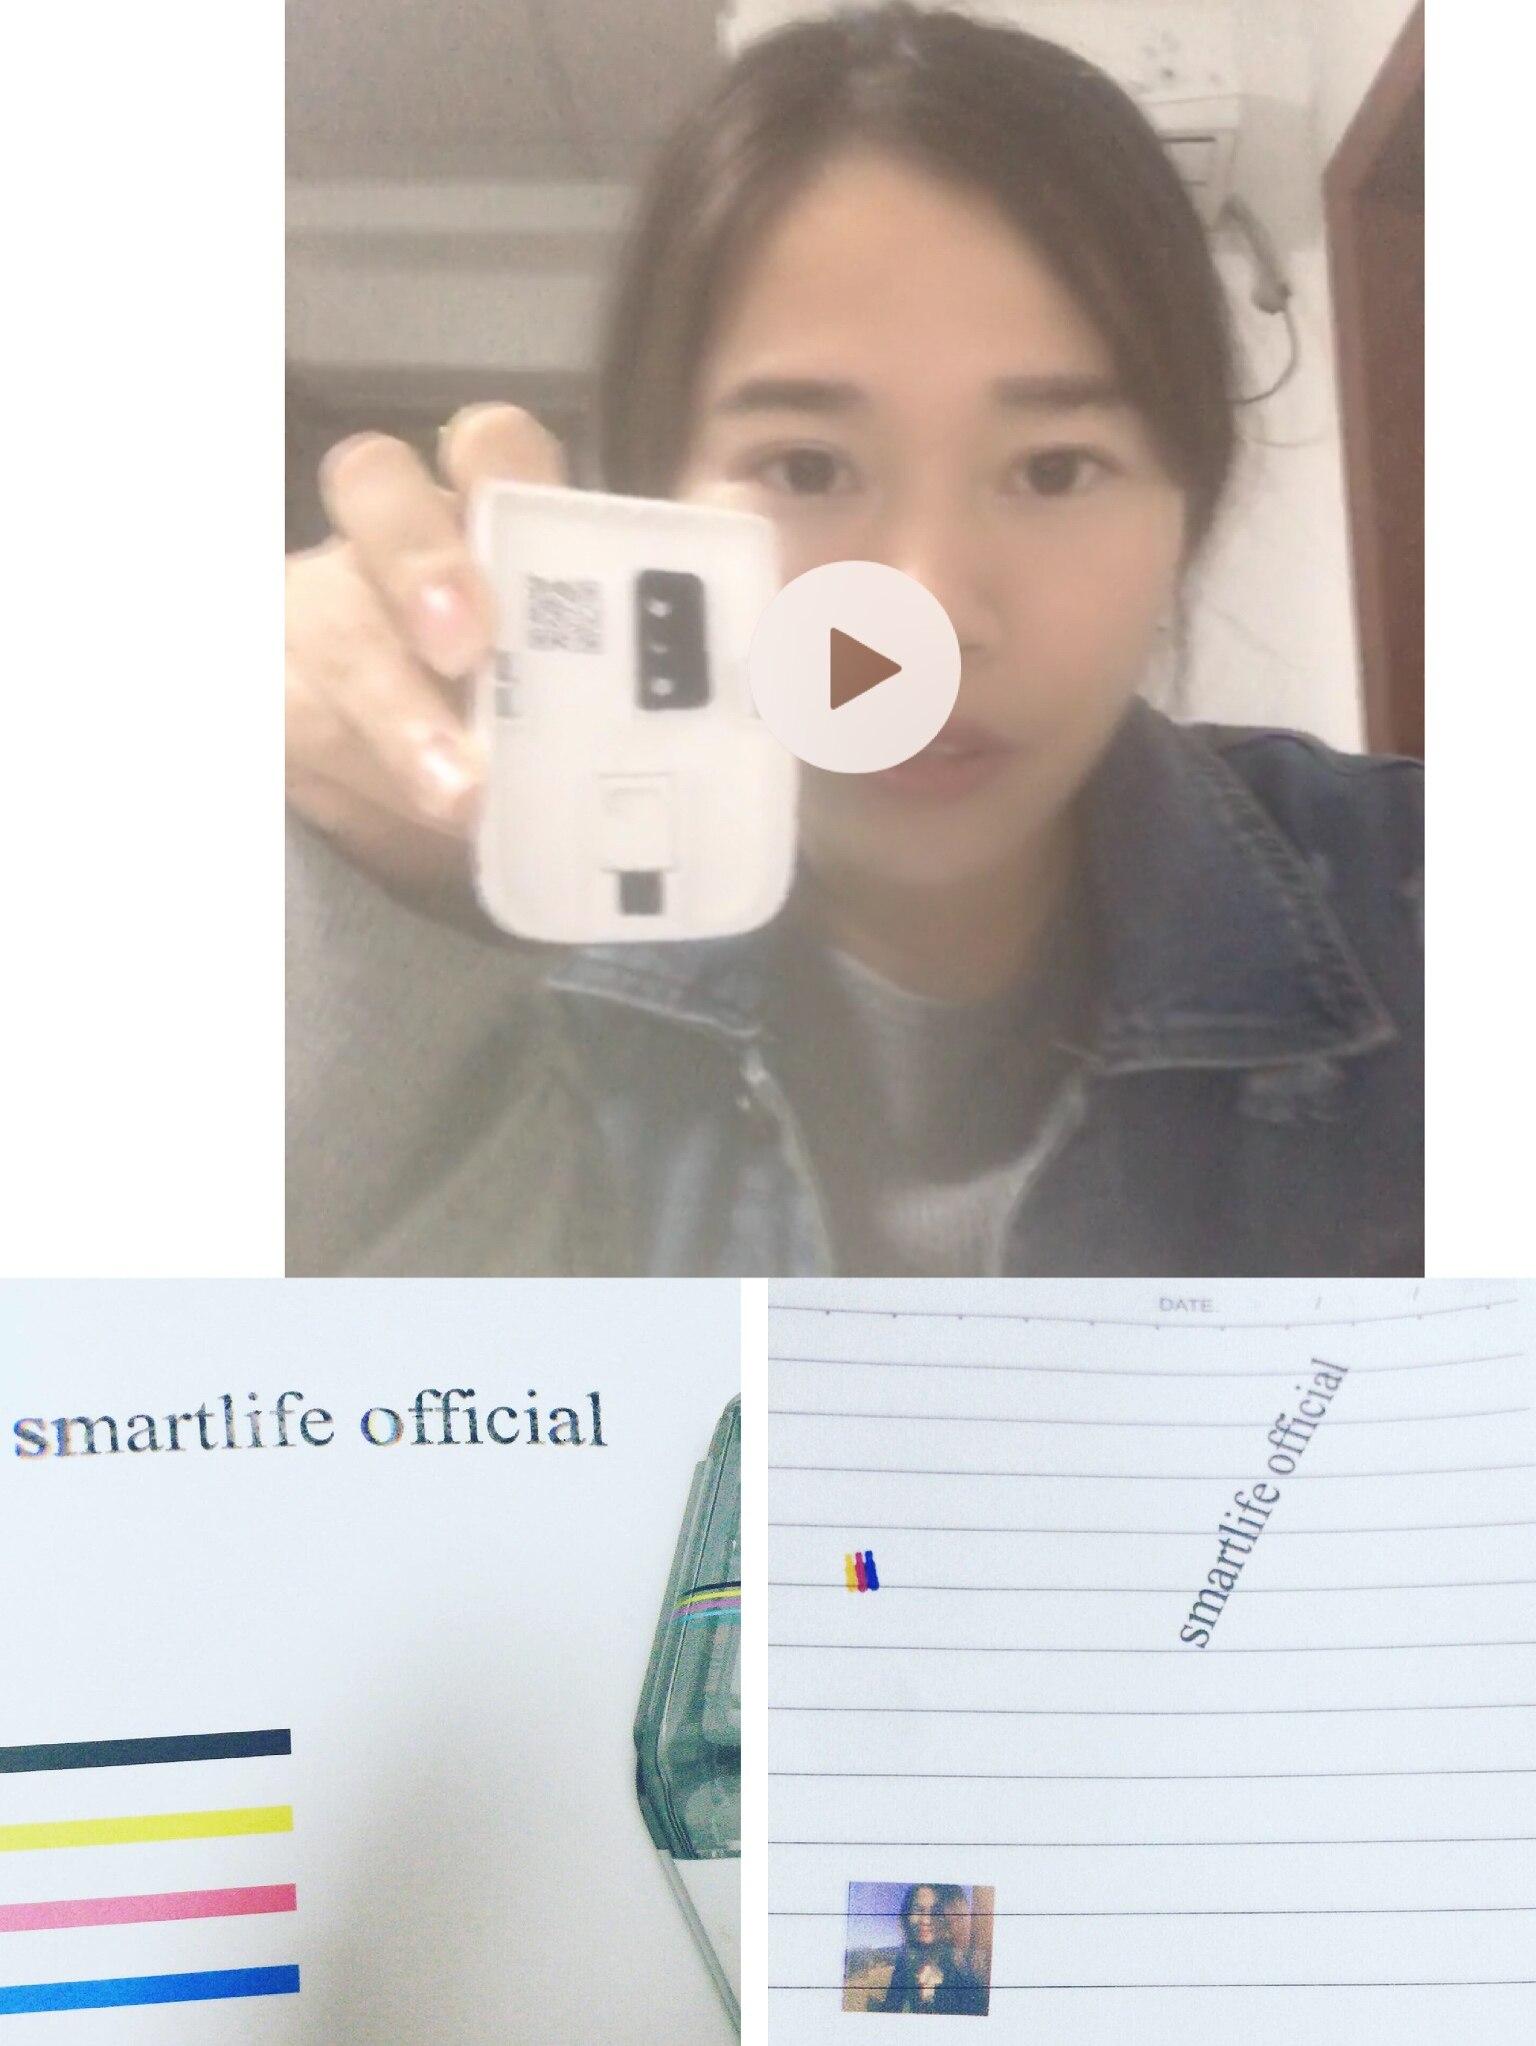 Smartlife exclusivo impressora cube (mbrush)-menor do mundo móvel impressora a cores logotipo impressão legal gadget para designers